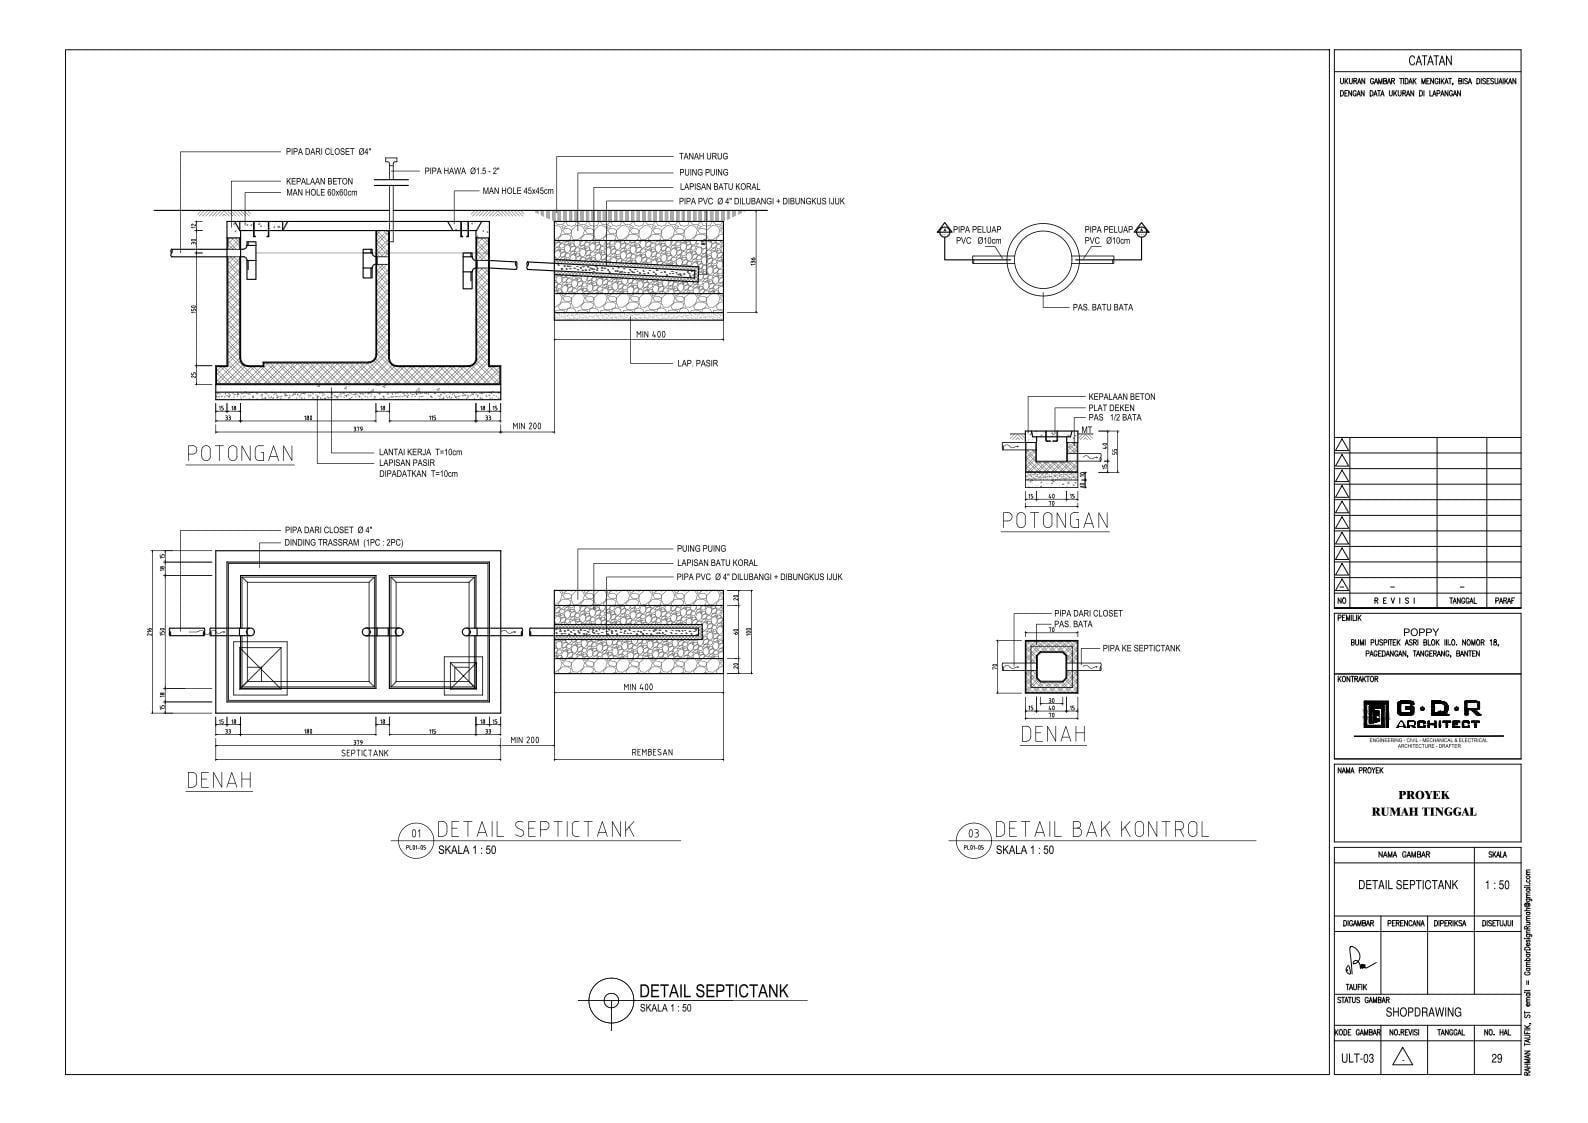 Jasa Desain Rumah Contoh Paket Gambar Kerja 29 DETAIL SEPTICTANK